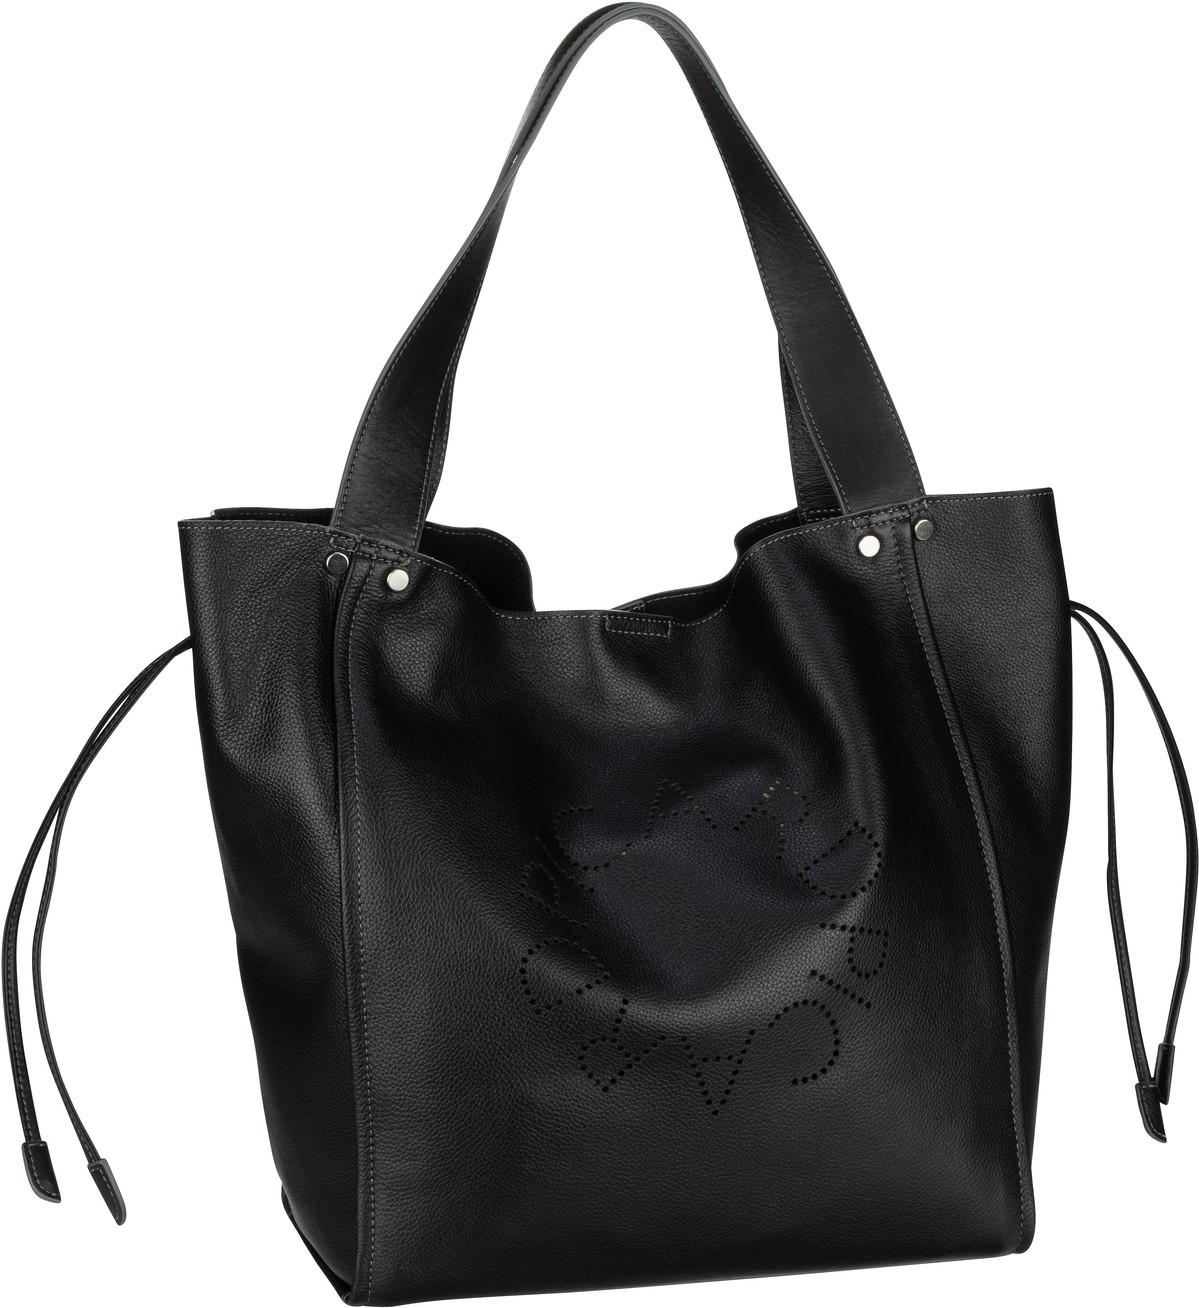 Handtasche St. Tropez 9725 Schwarz